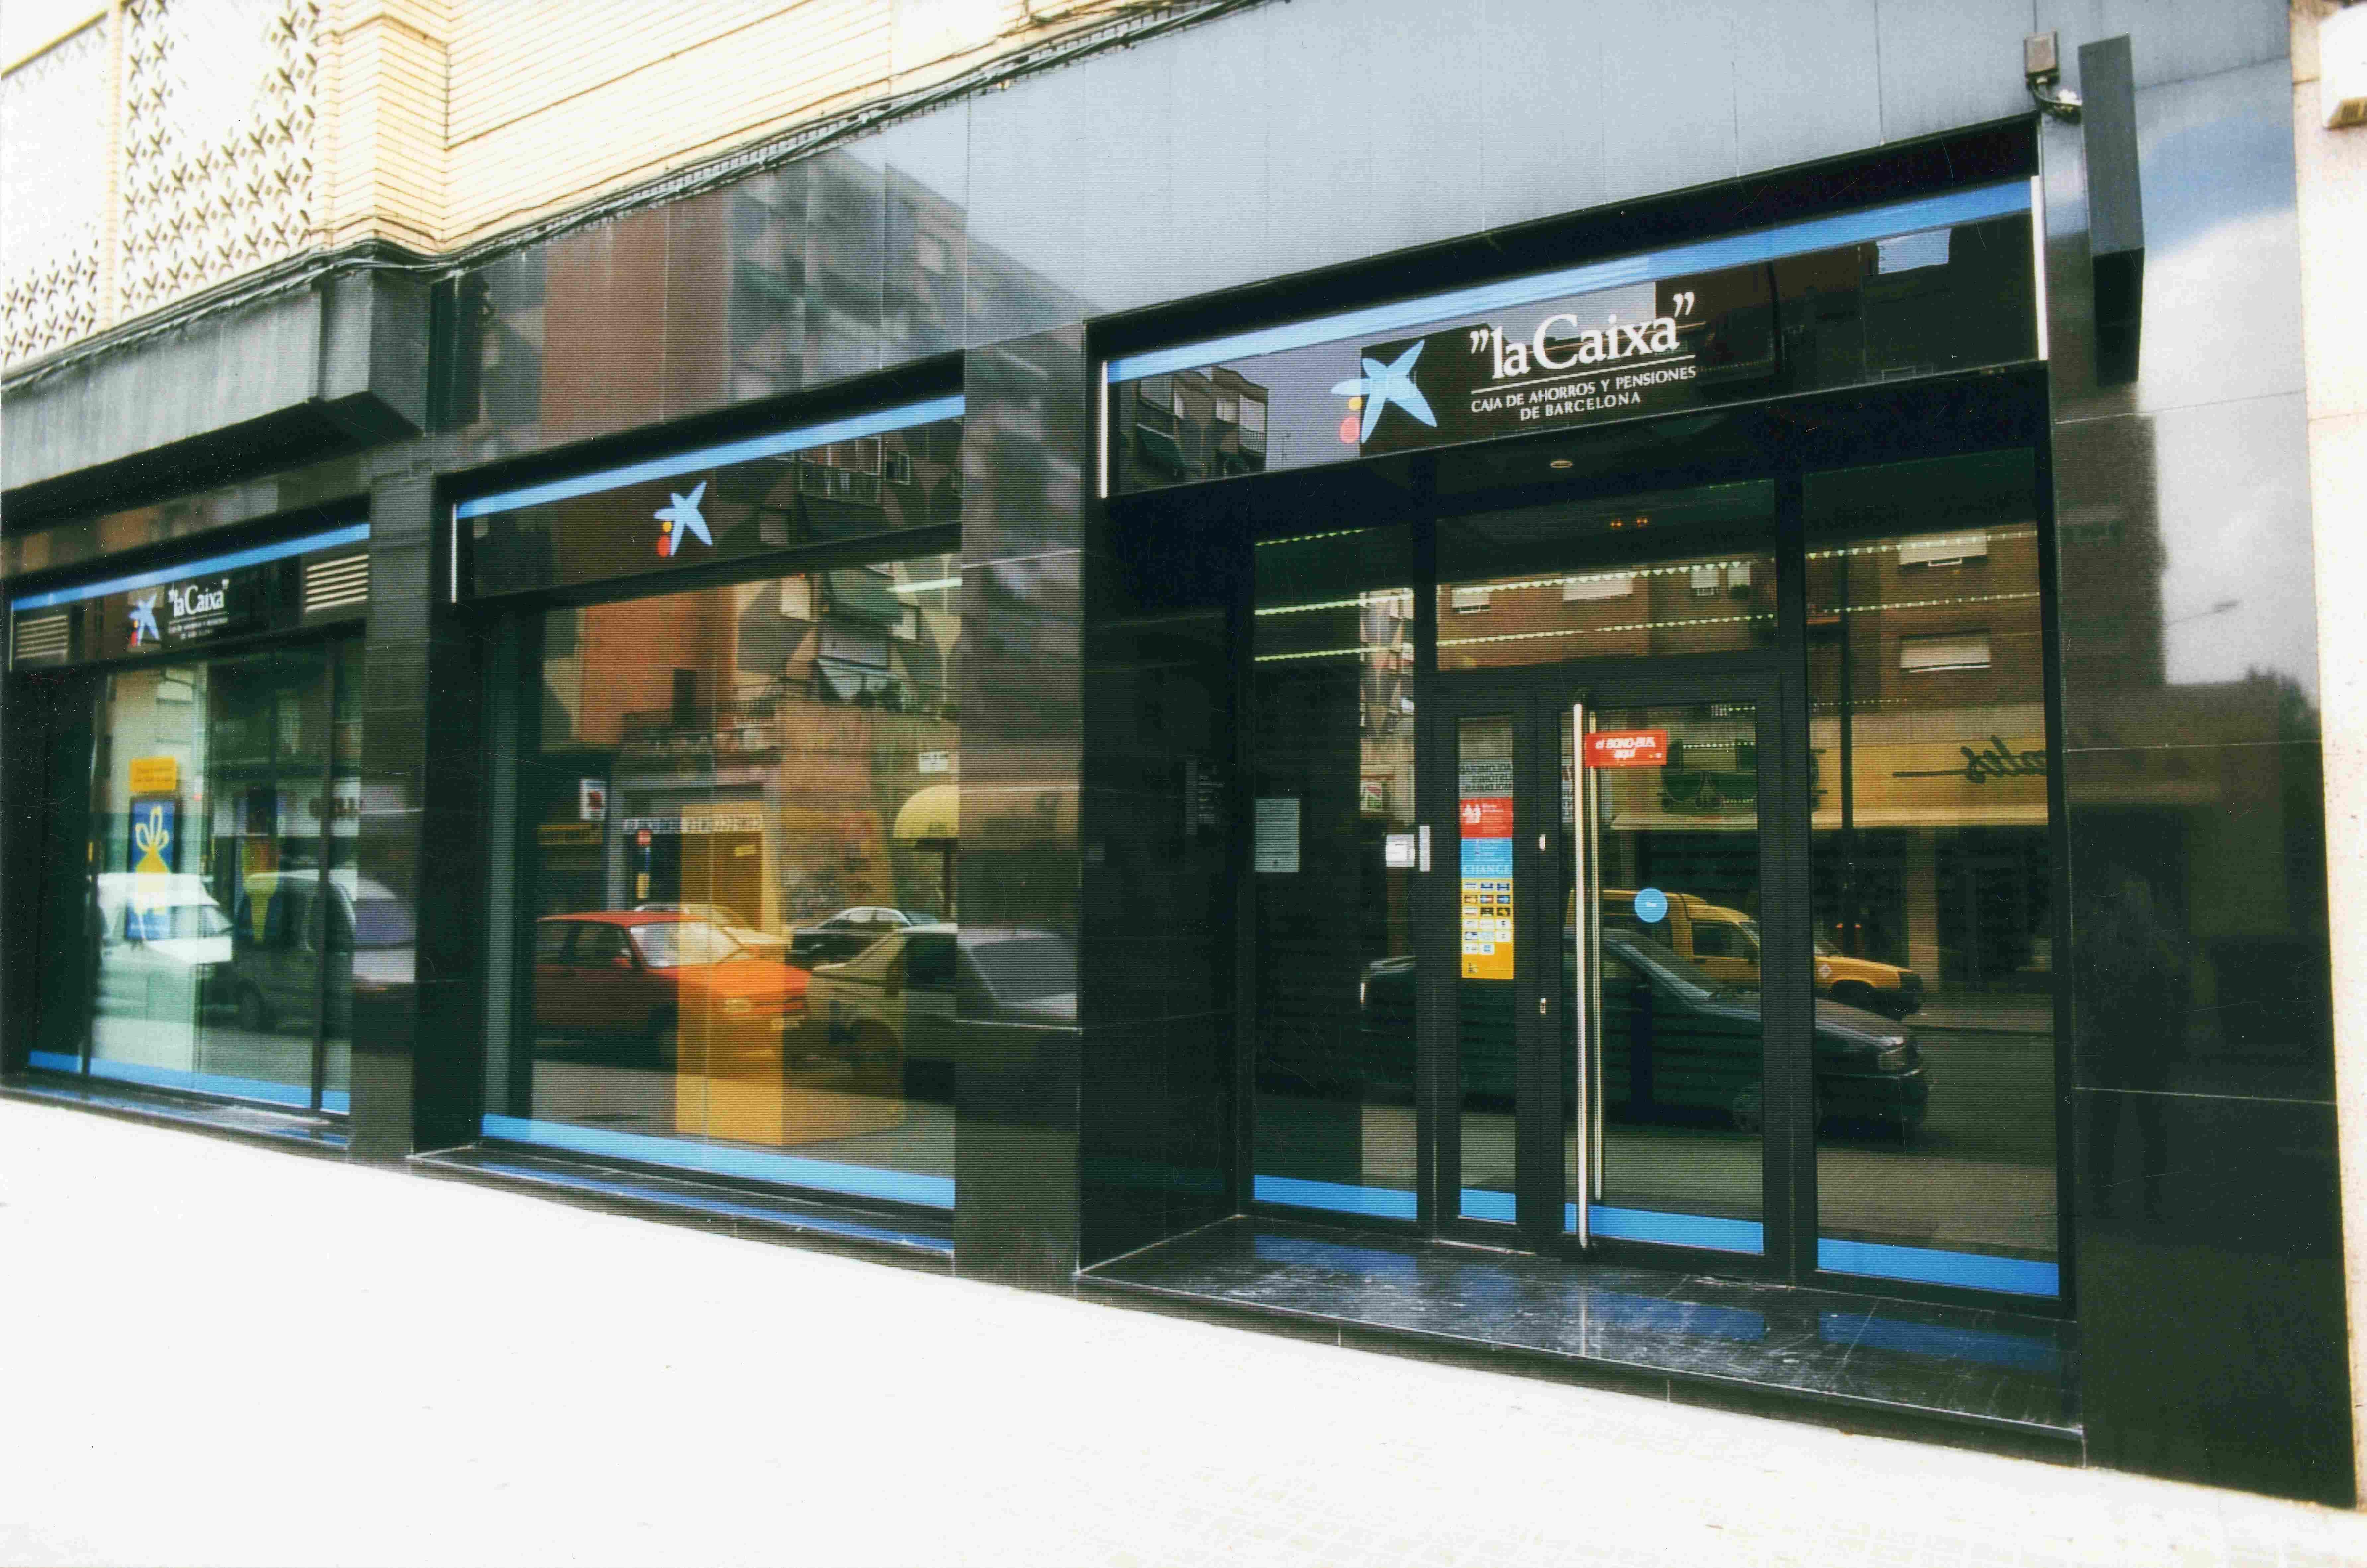 Caltesa trabajos en instalaciones comerciales y obras en for Oficinas la caixa zaragoza